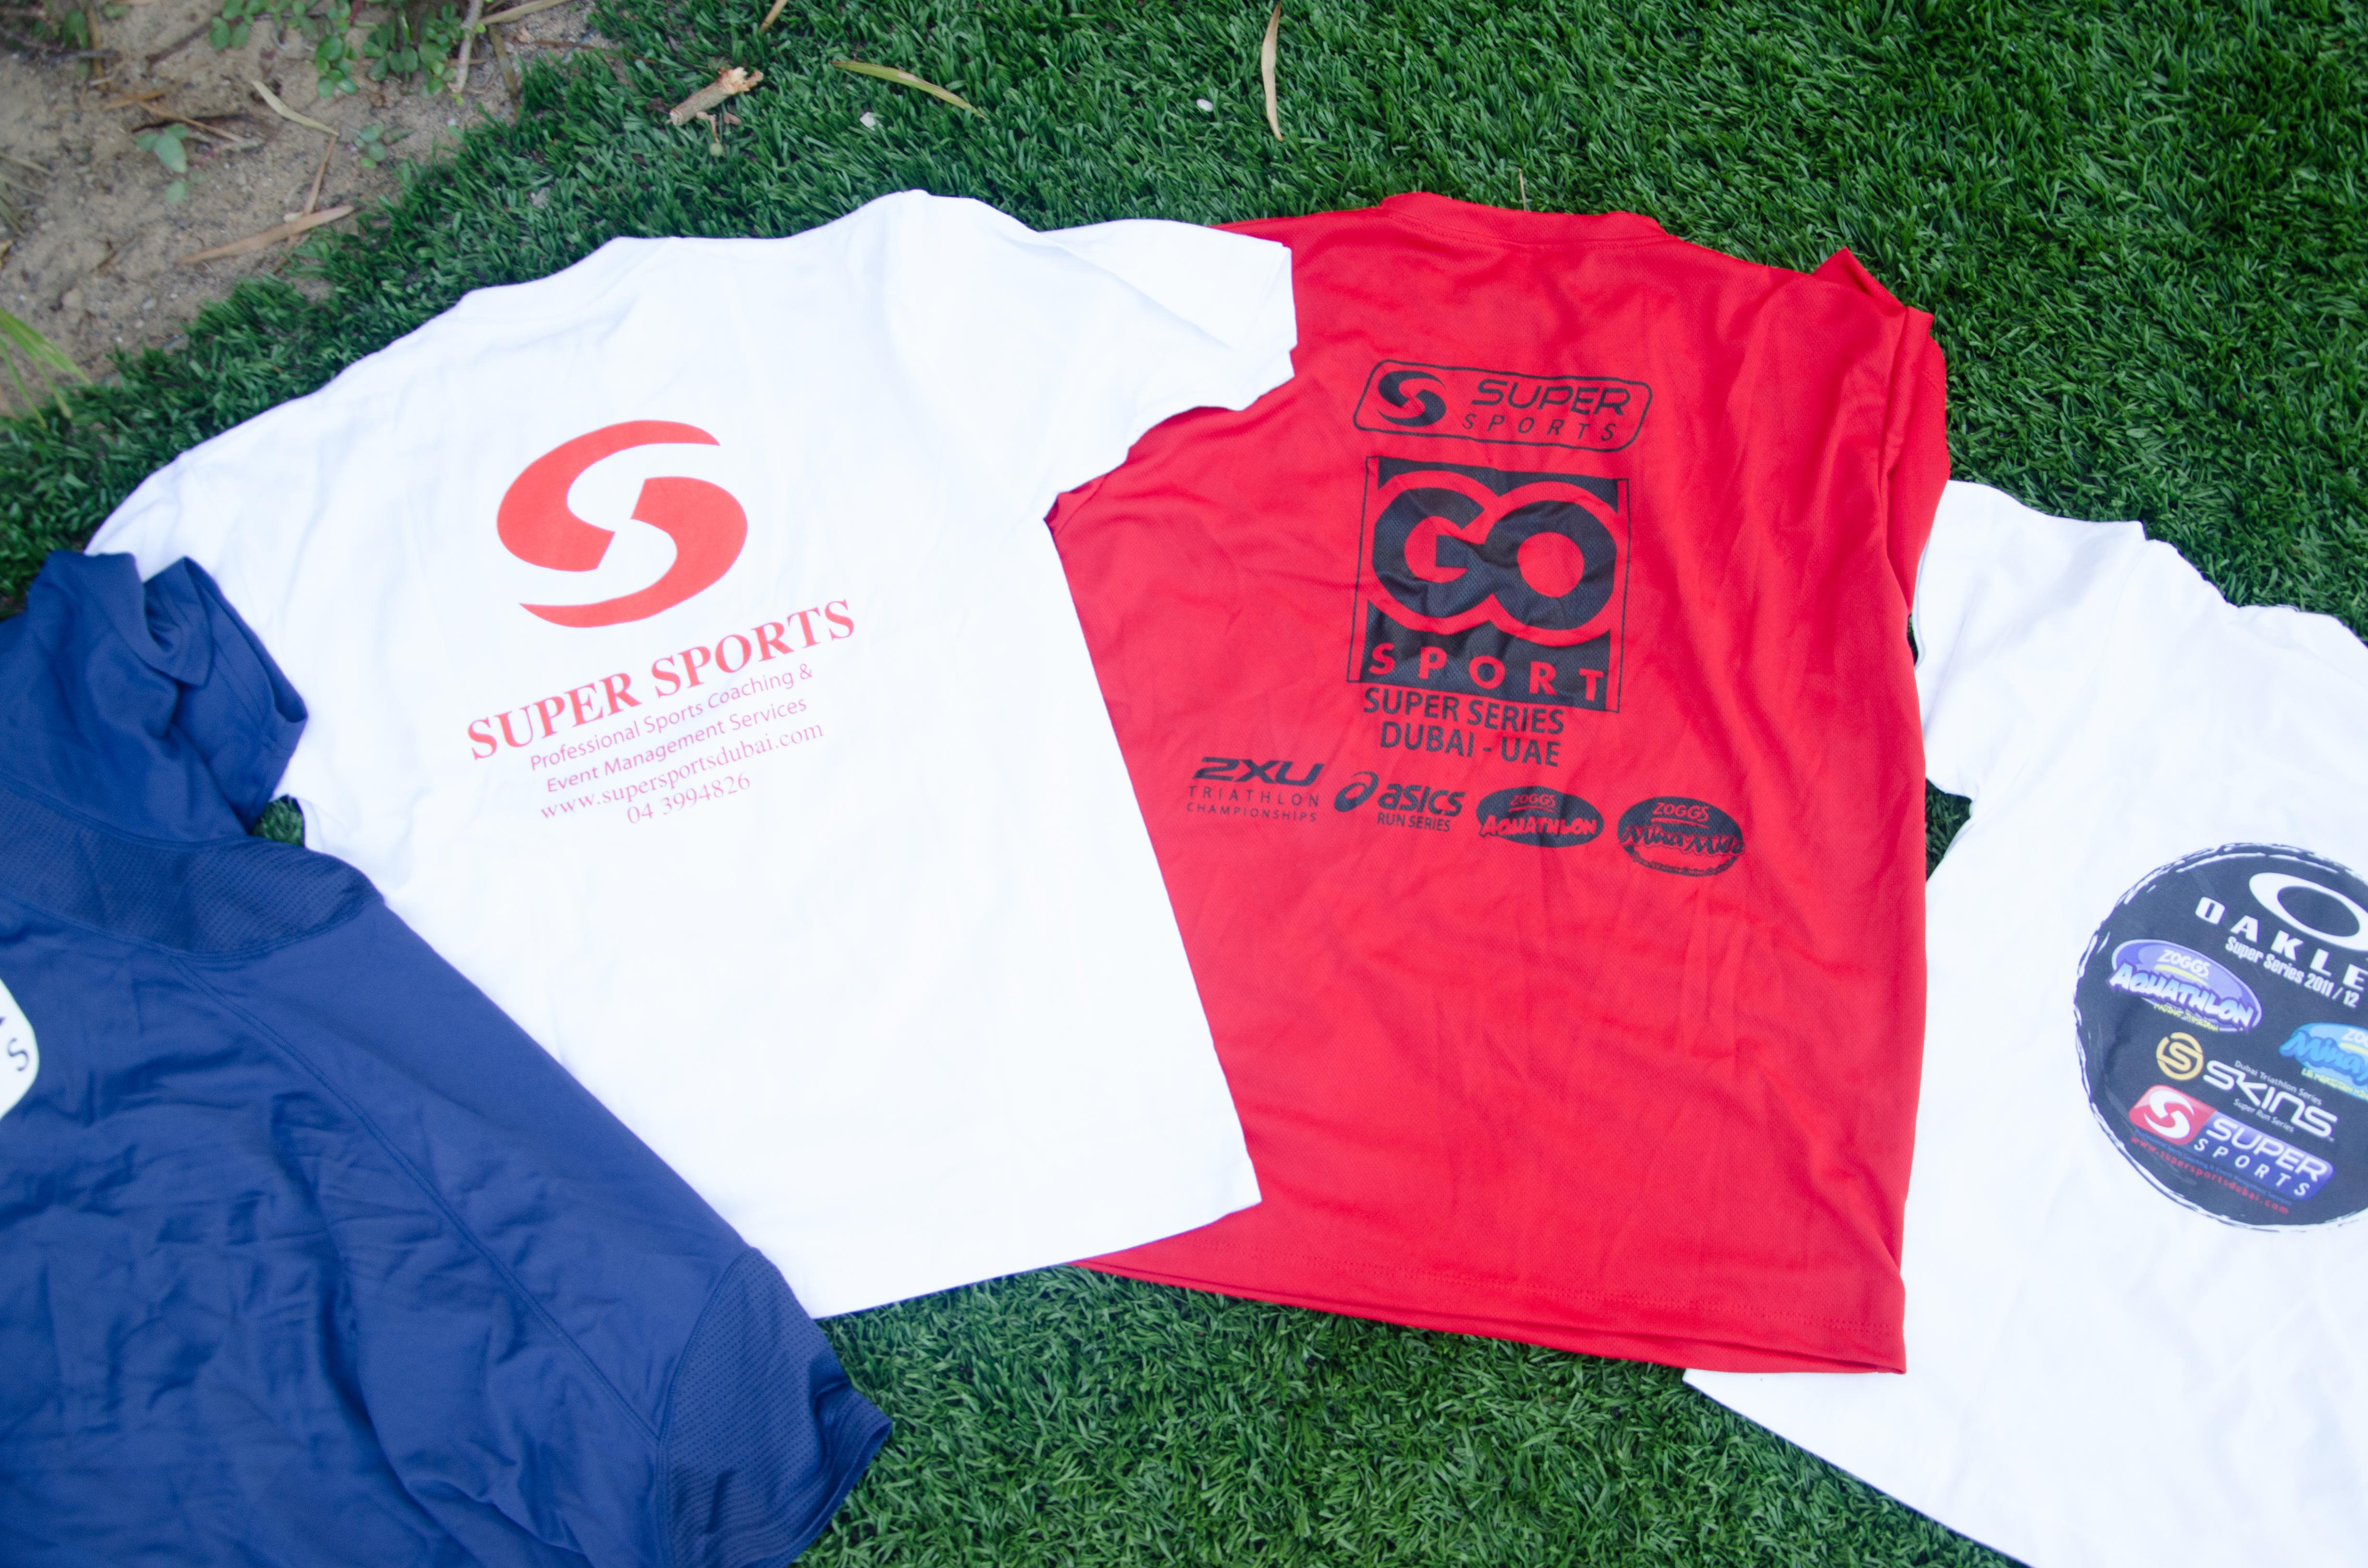 finishers Tshirt 2 race merchandise